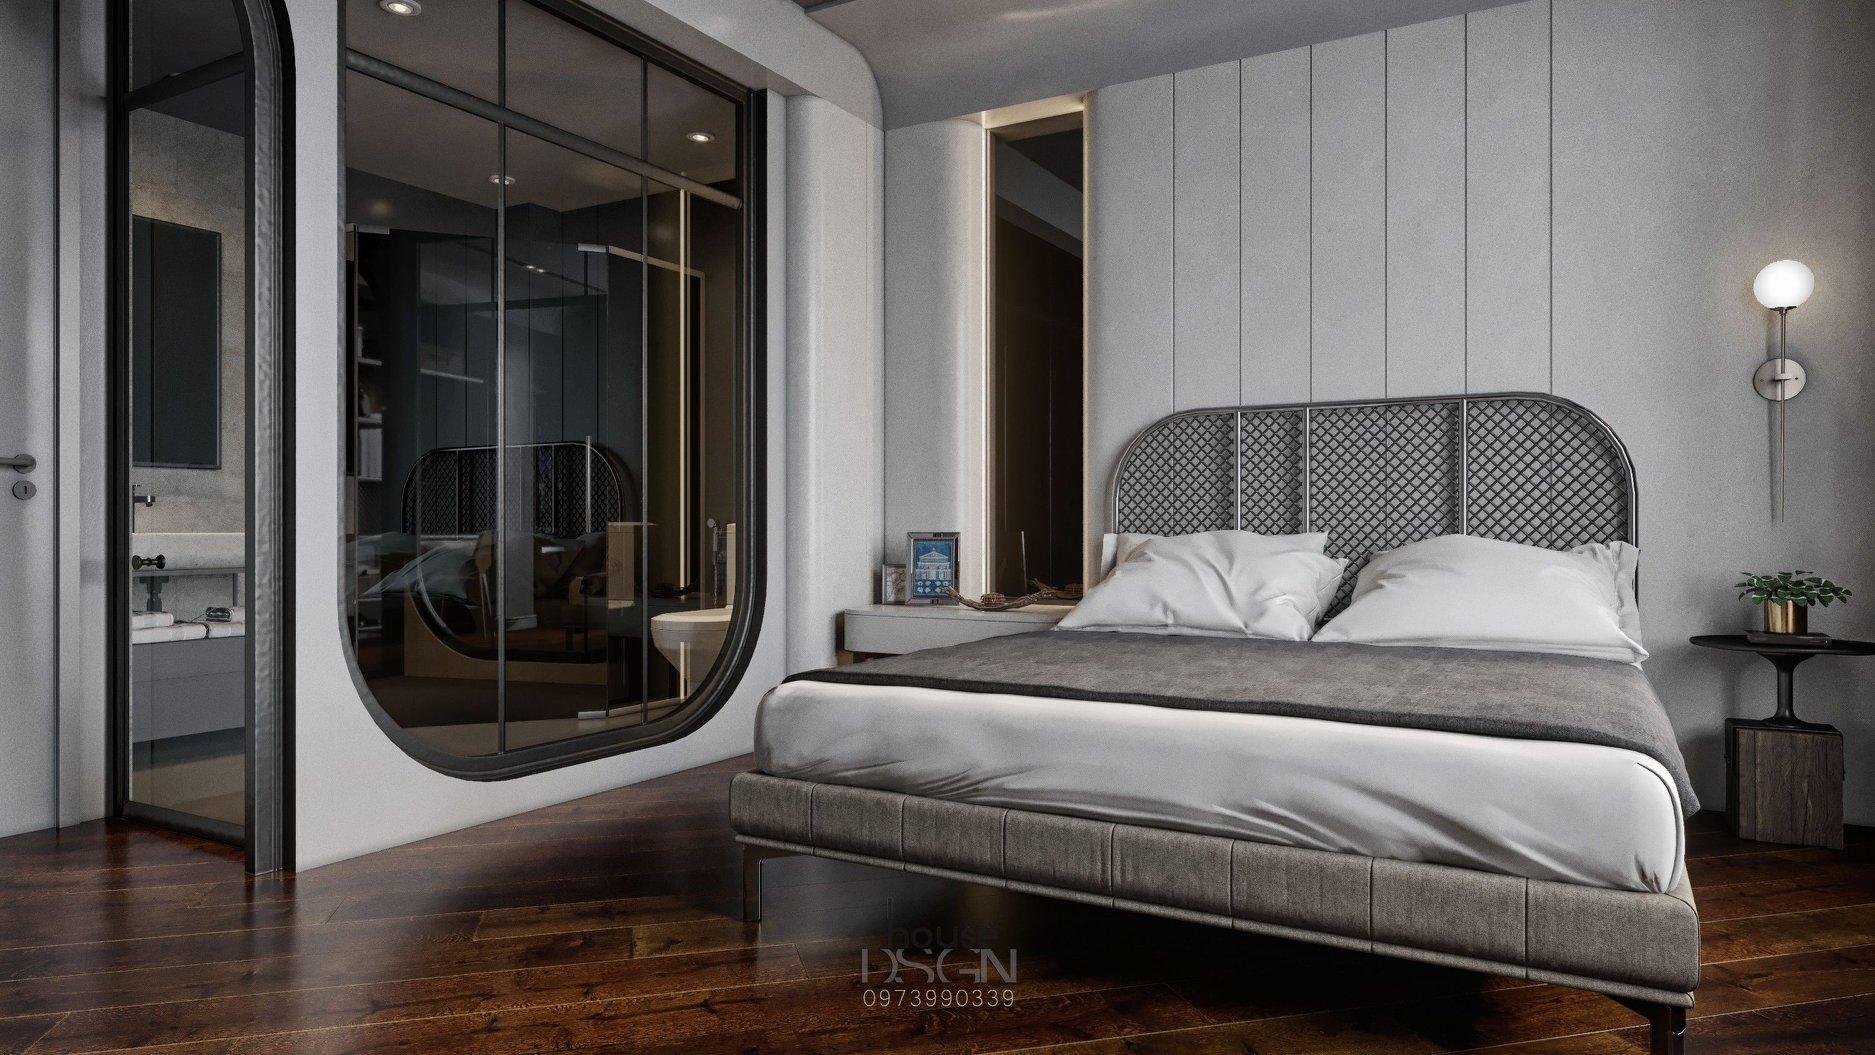 giá thiết kế nội thất khách sạn - Housedesign